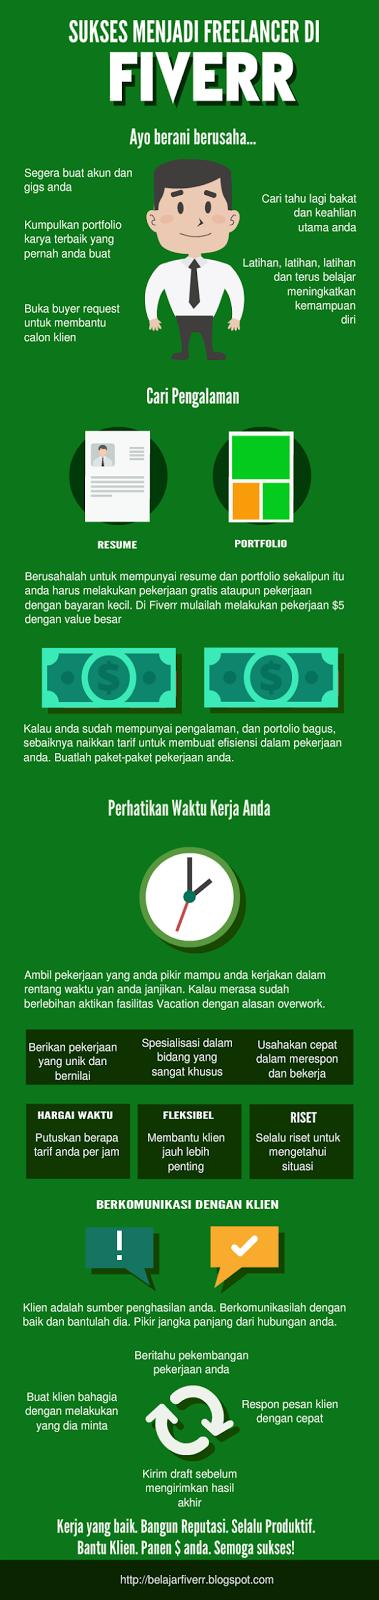 infografis fiverr